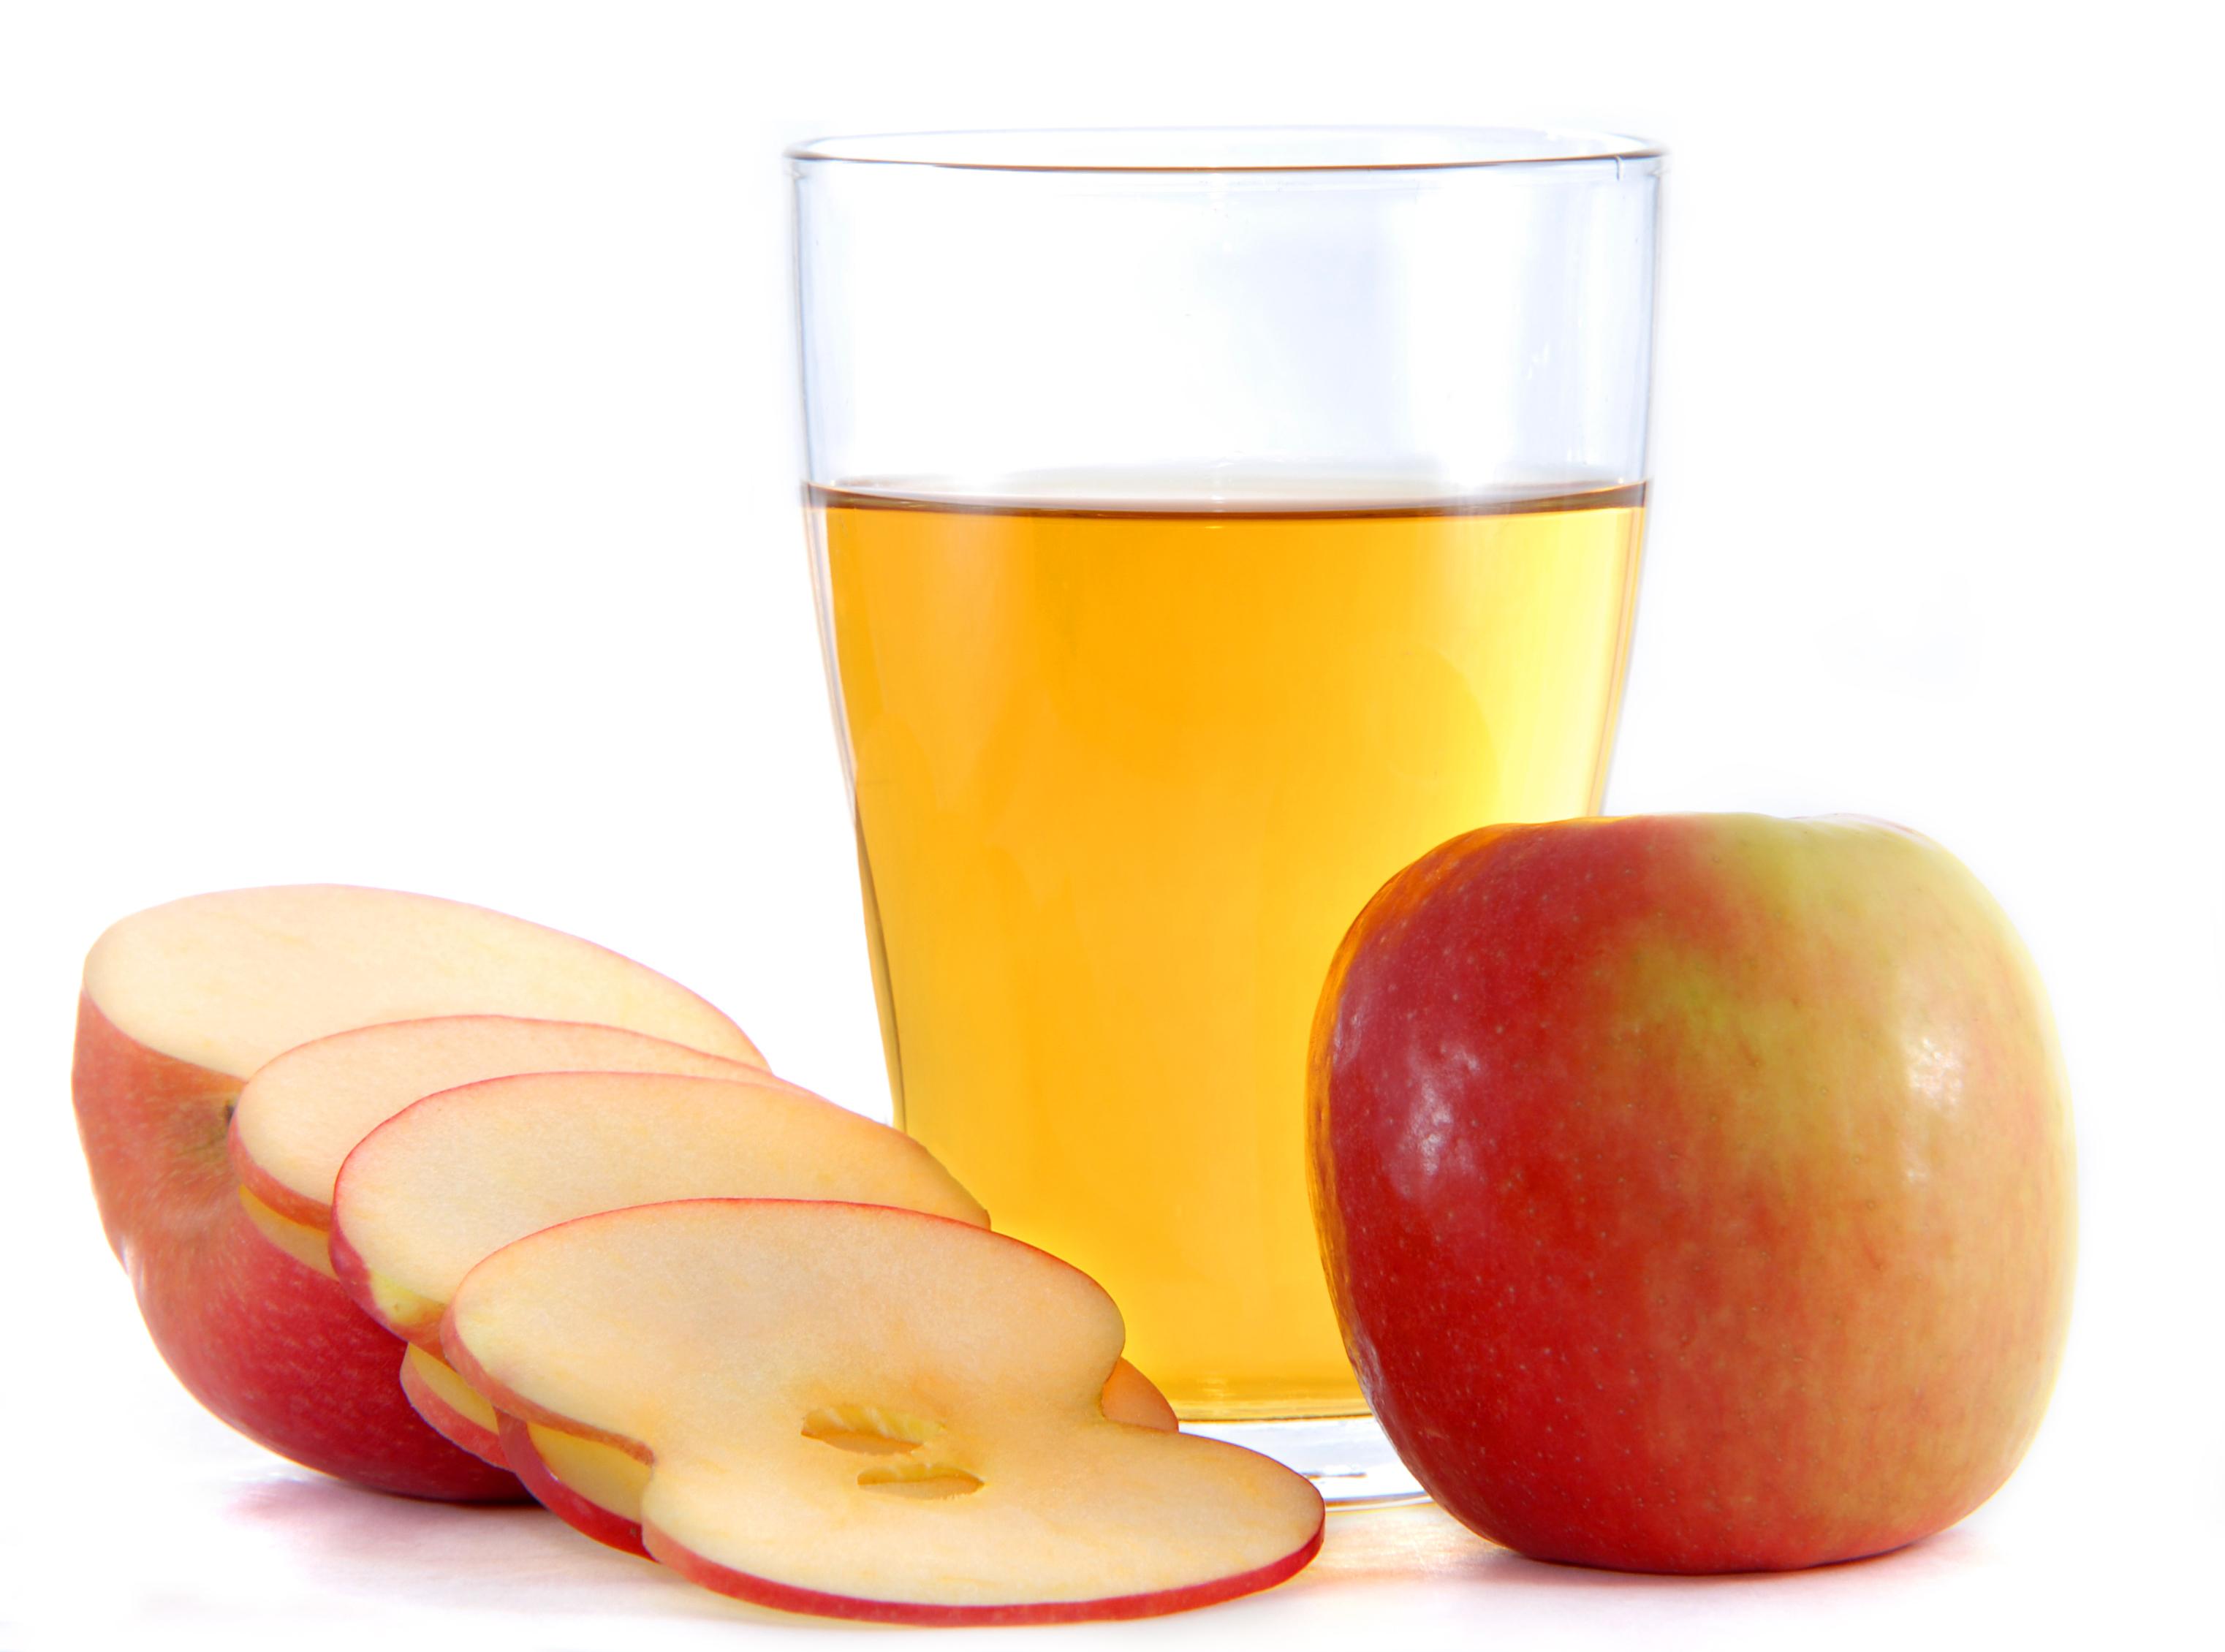 Apple cider vinegar to treat bug bites that blister